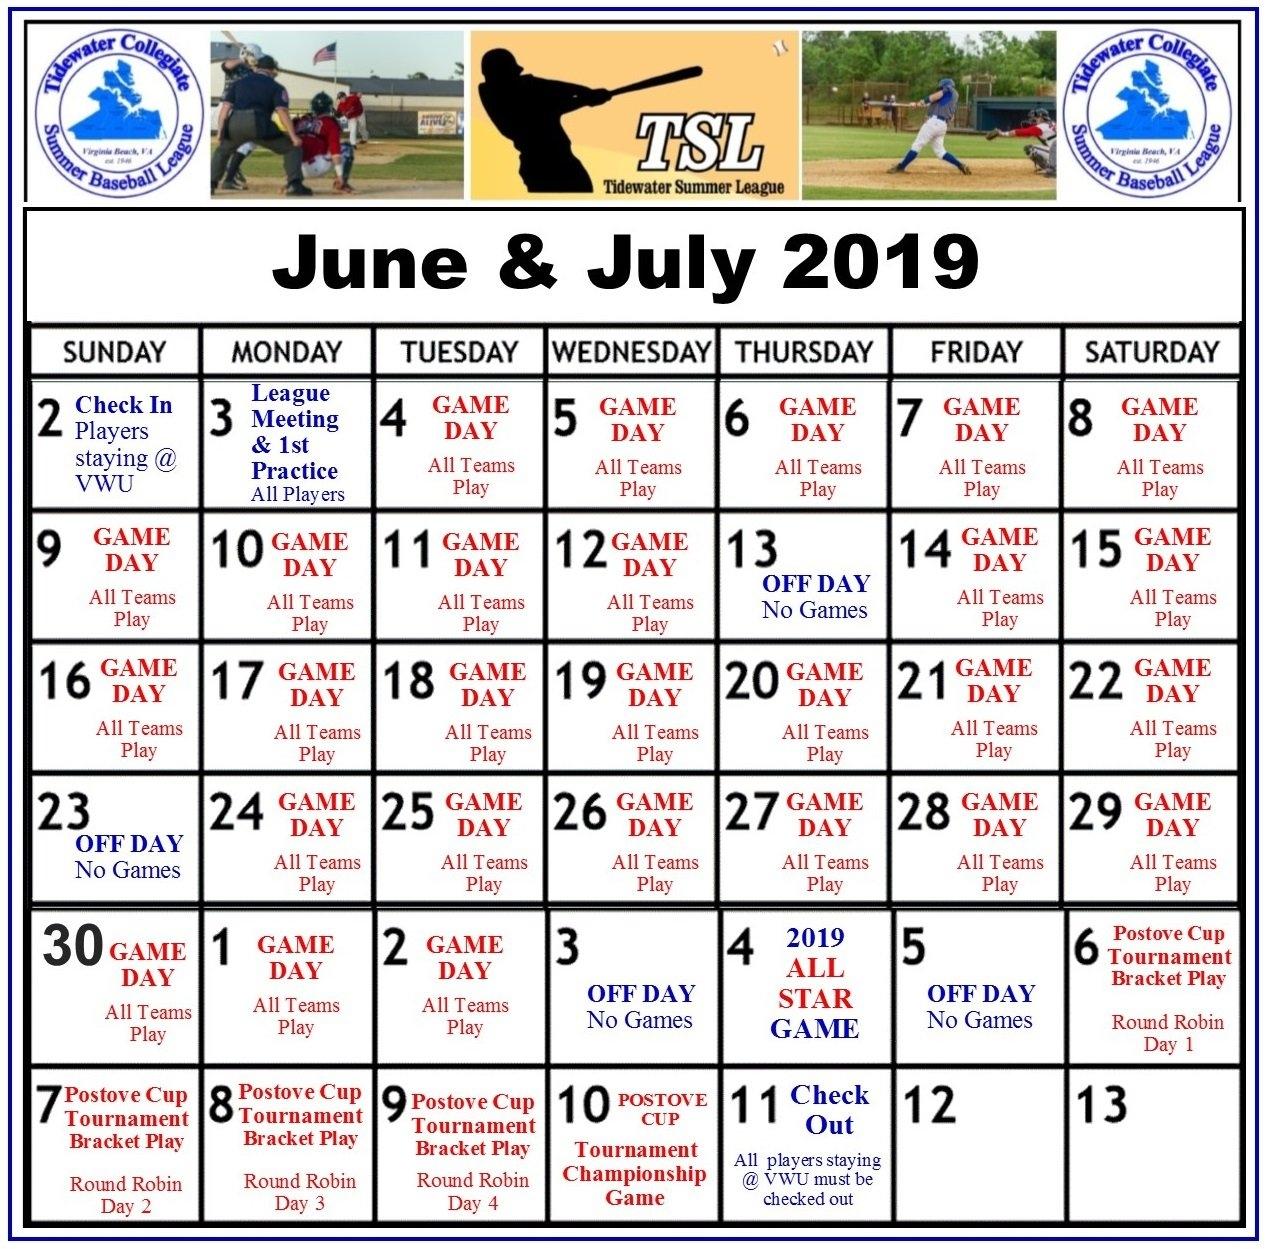 Summer 2019 Calendar Update 8.17.18 | Tidewater Summer League Calendar 2019 Summer